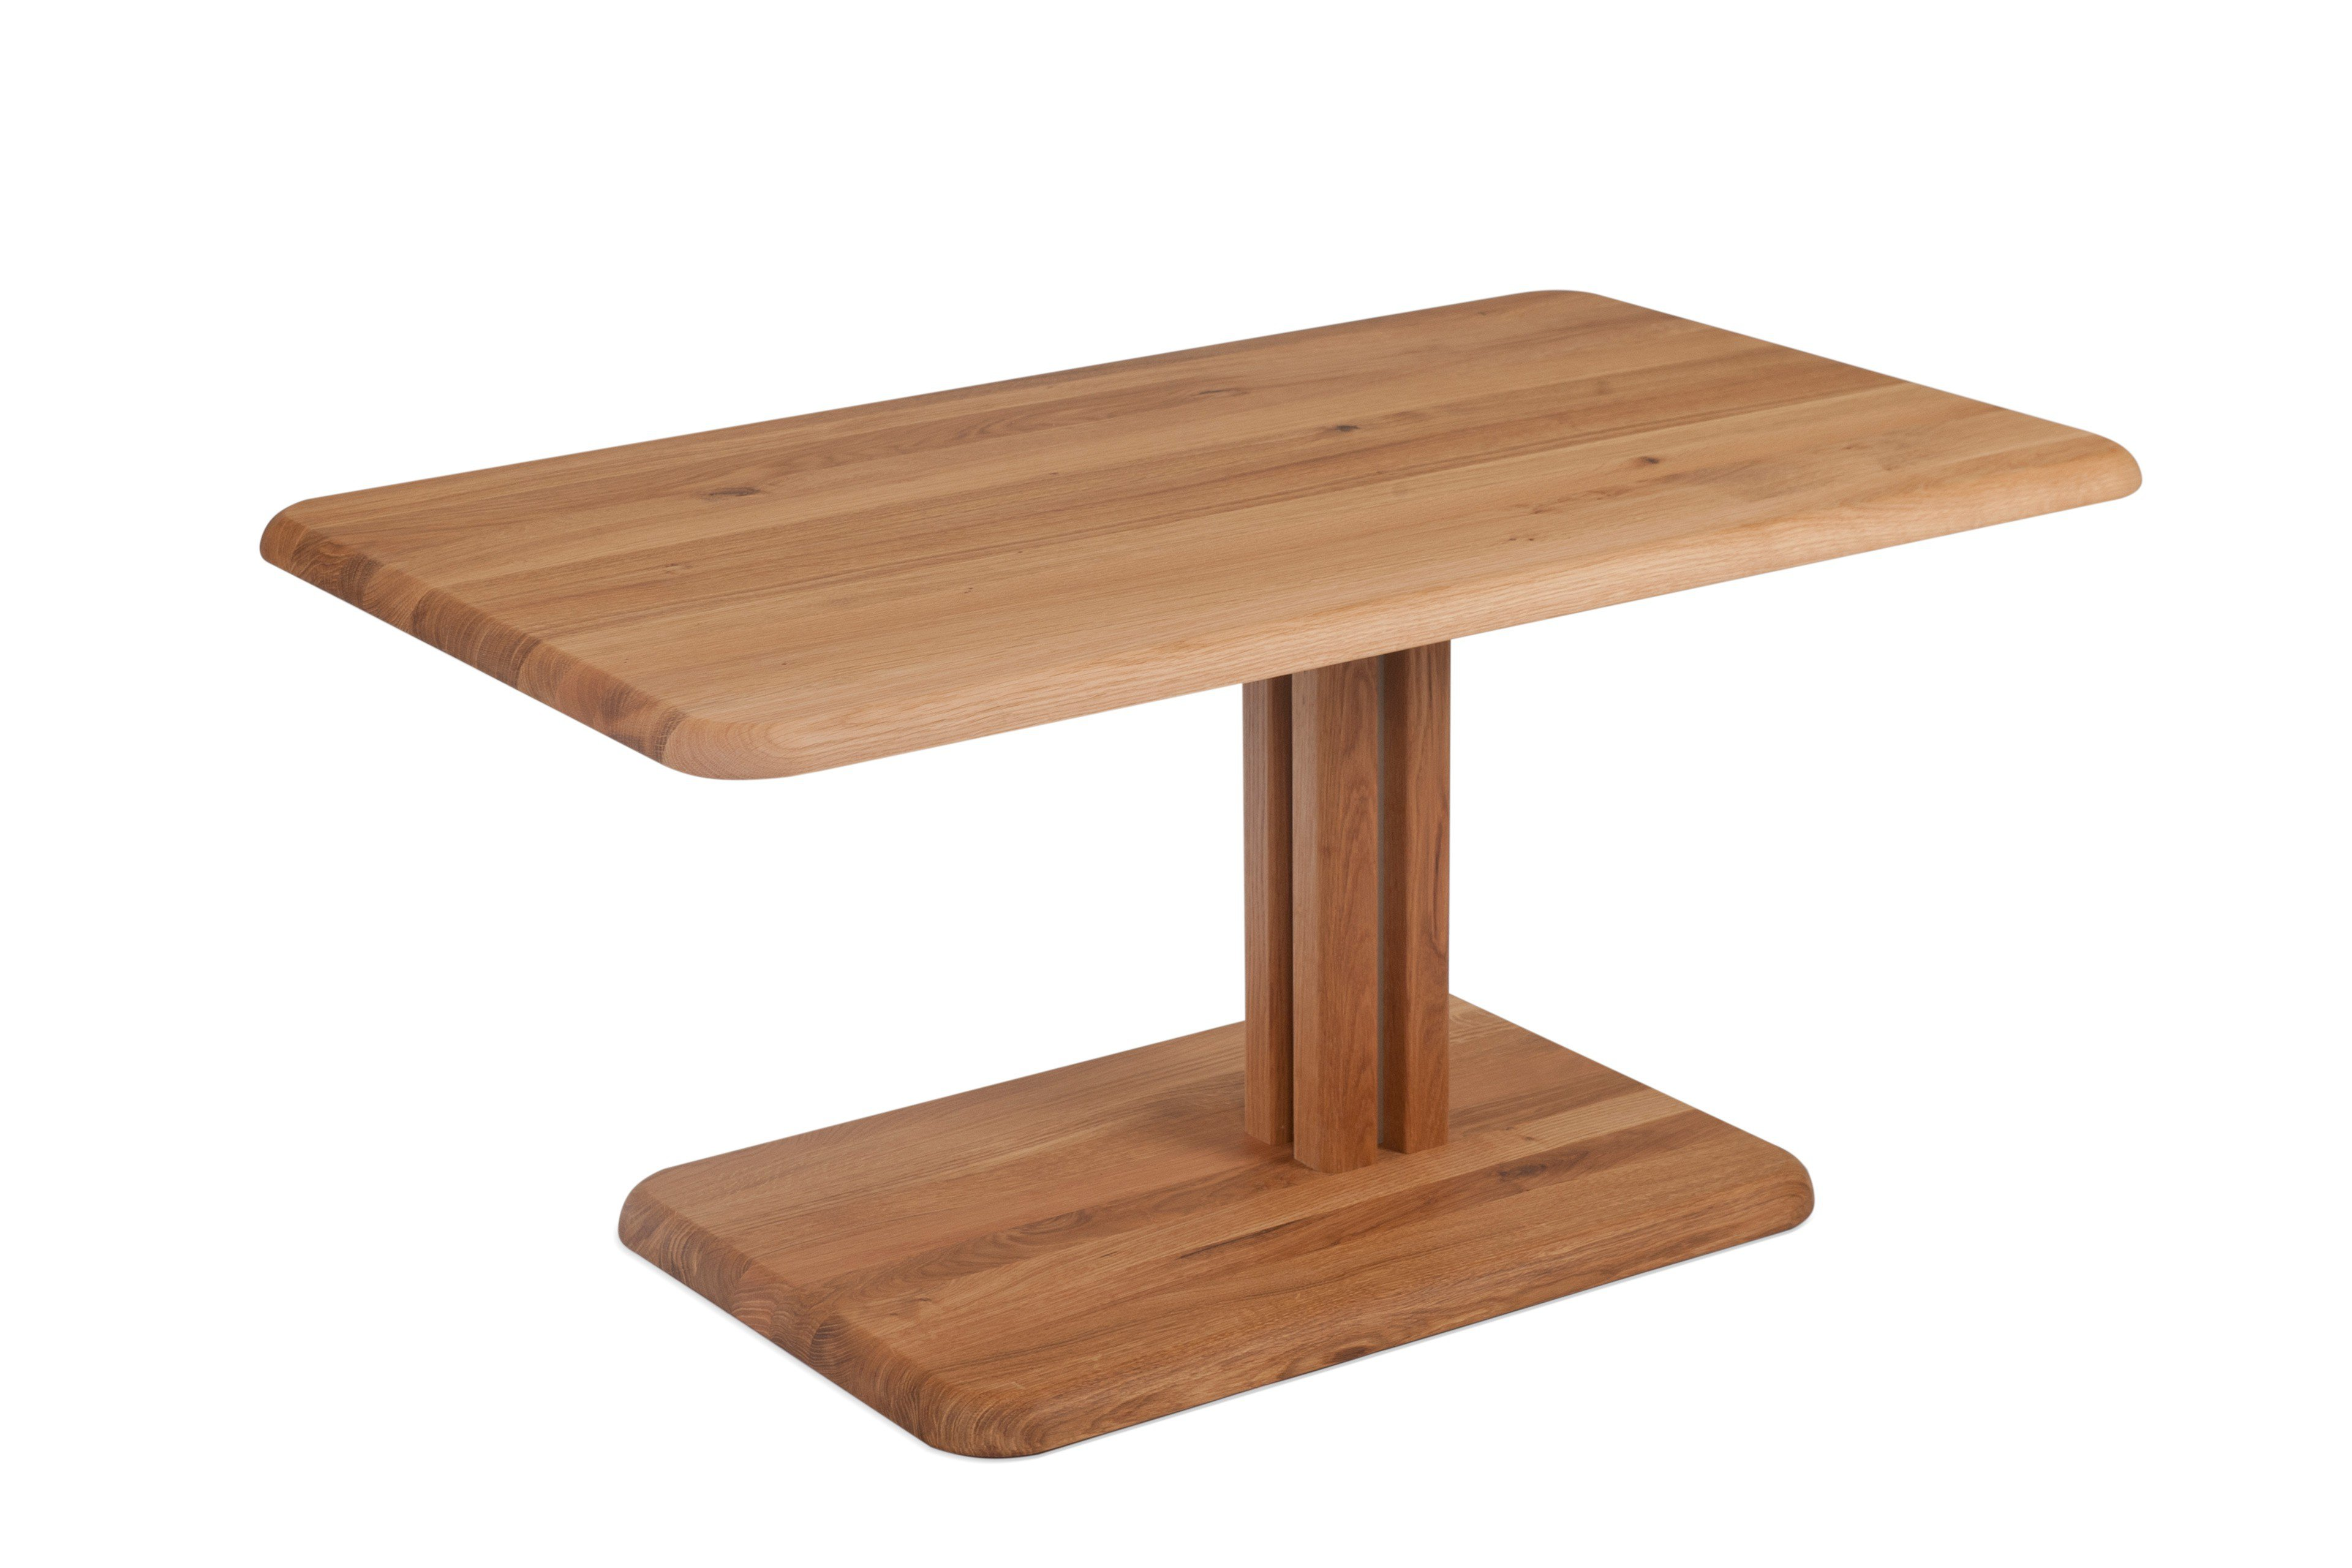 vierhaus couchtisch 7888 wildeiche m bel letz ihr online shop. Black Bedroom Furniture Sets. Home Design Ideas